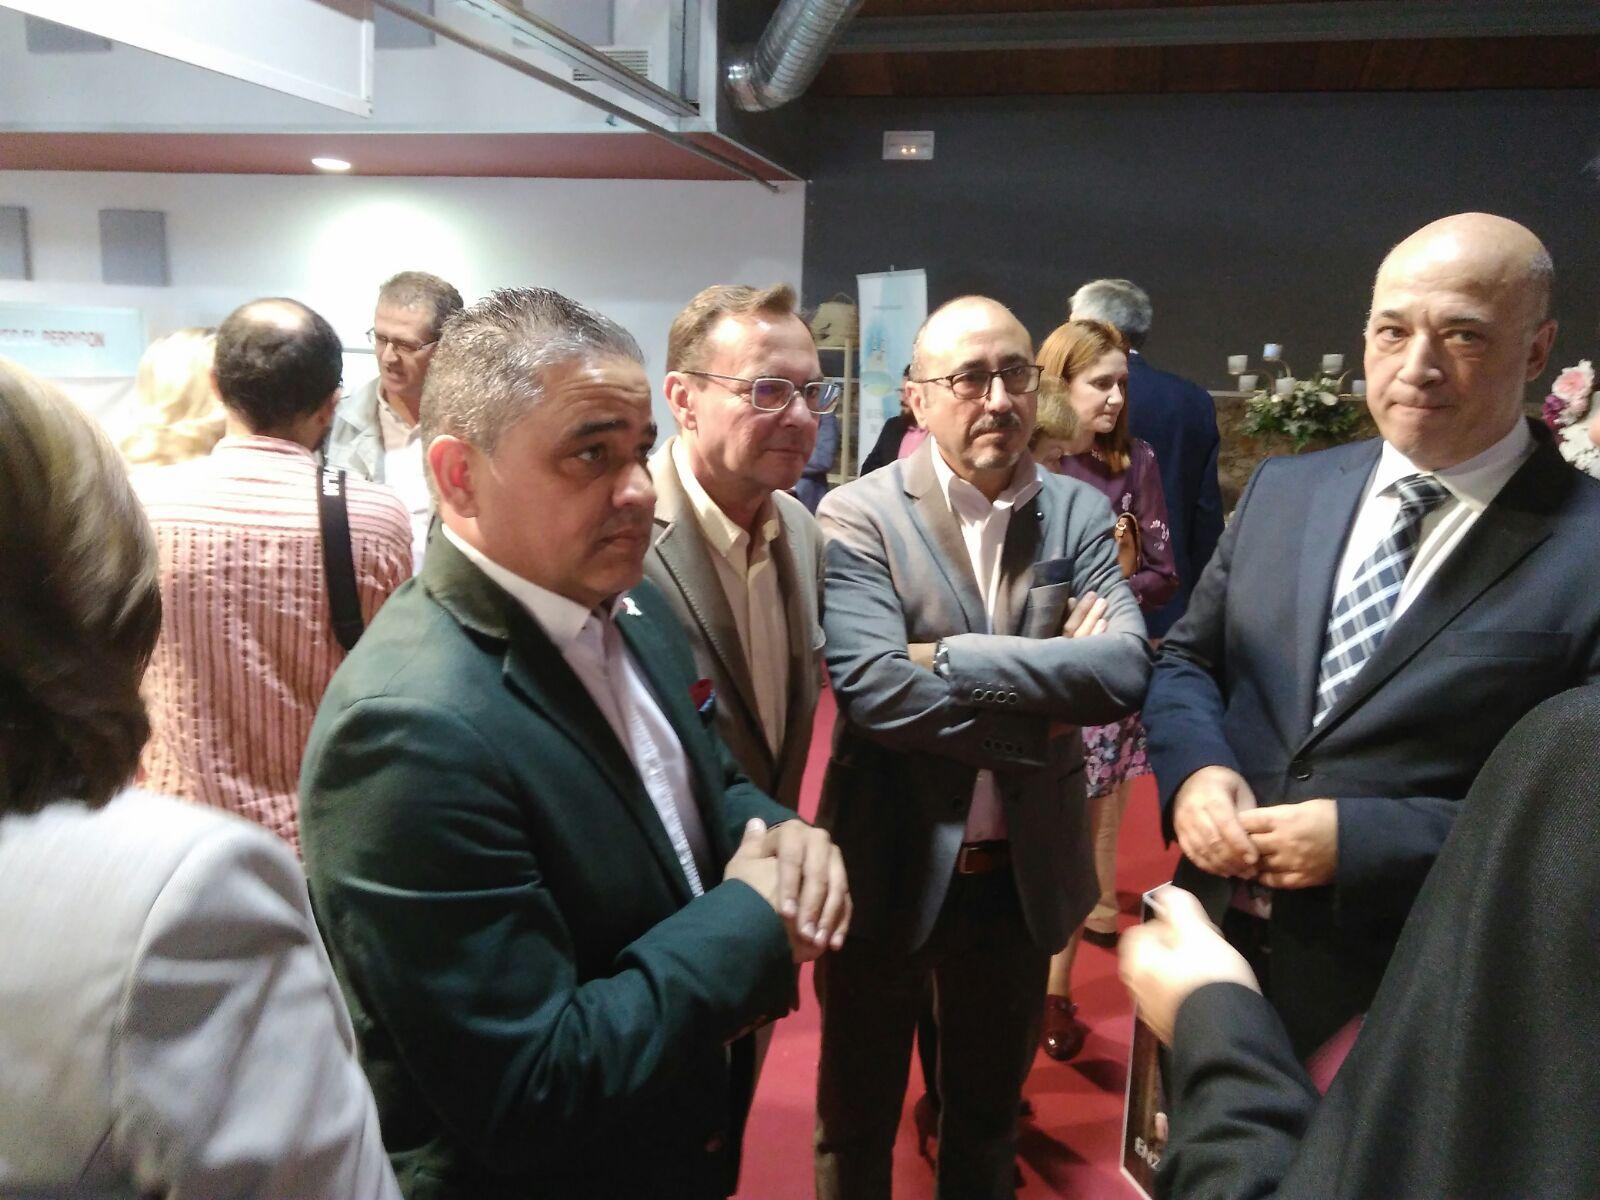 Momentos de la inauguración con autoridades provinciales.